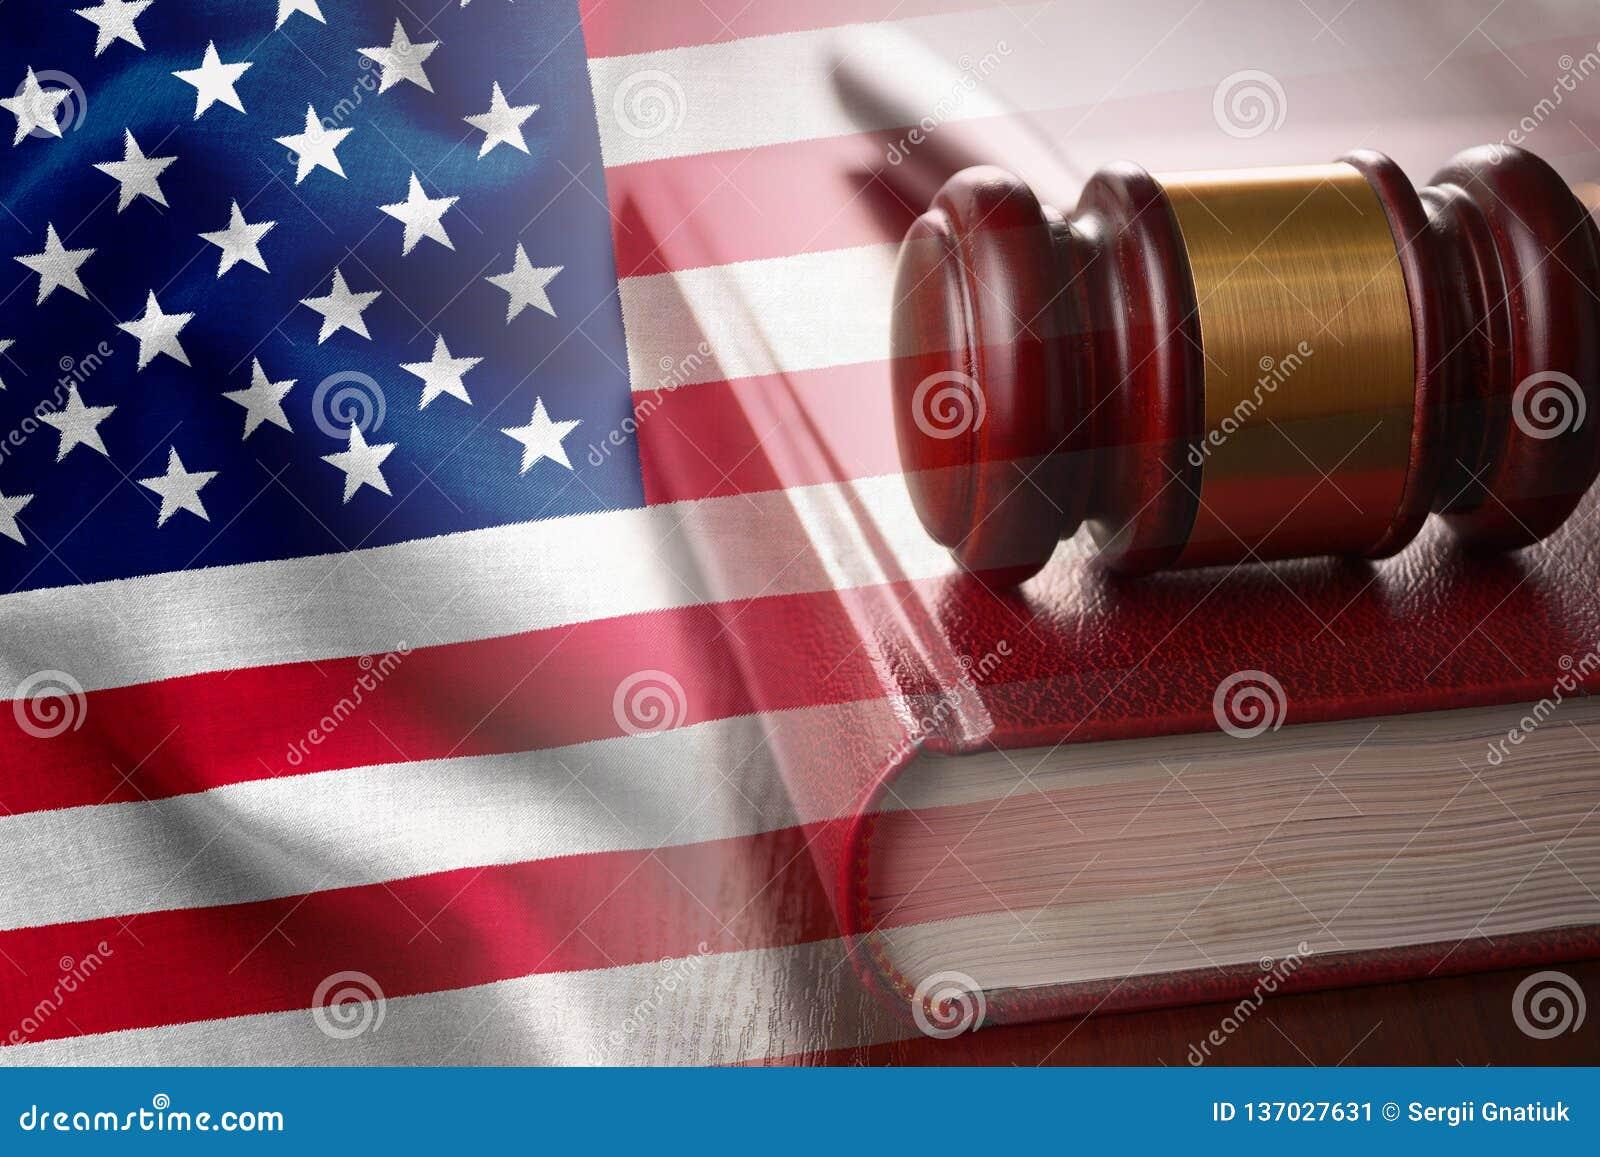 Αμερικανική δικαιοσύνη και δικαστική έννοια